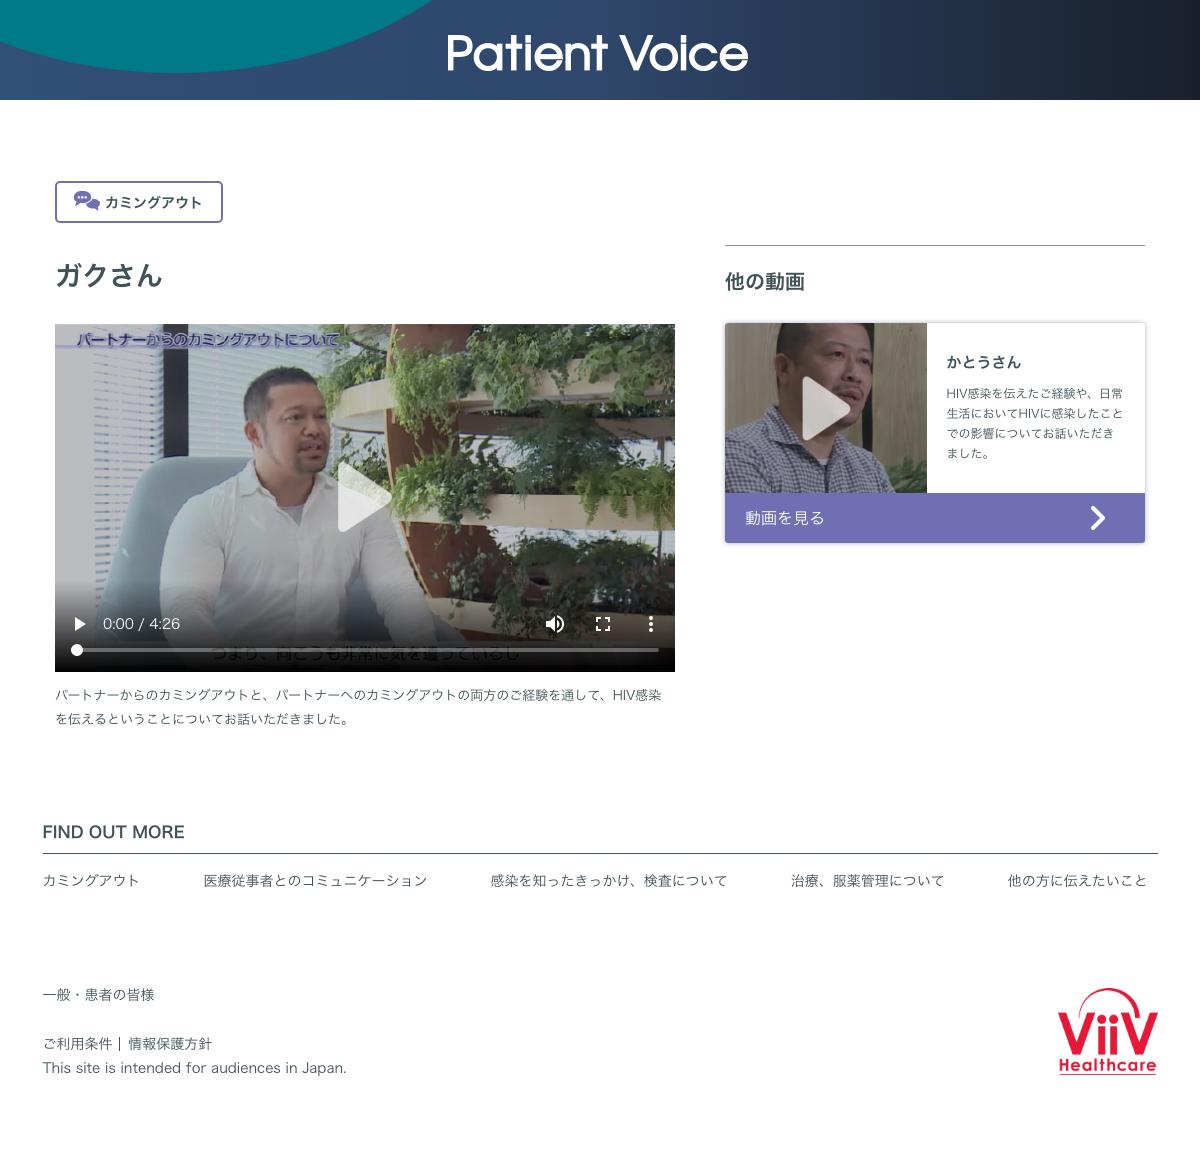 ViiV Patient Voice